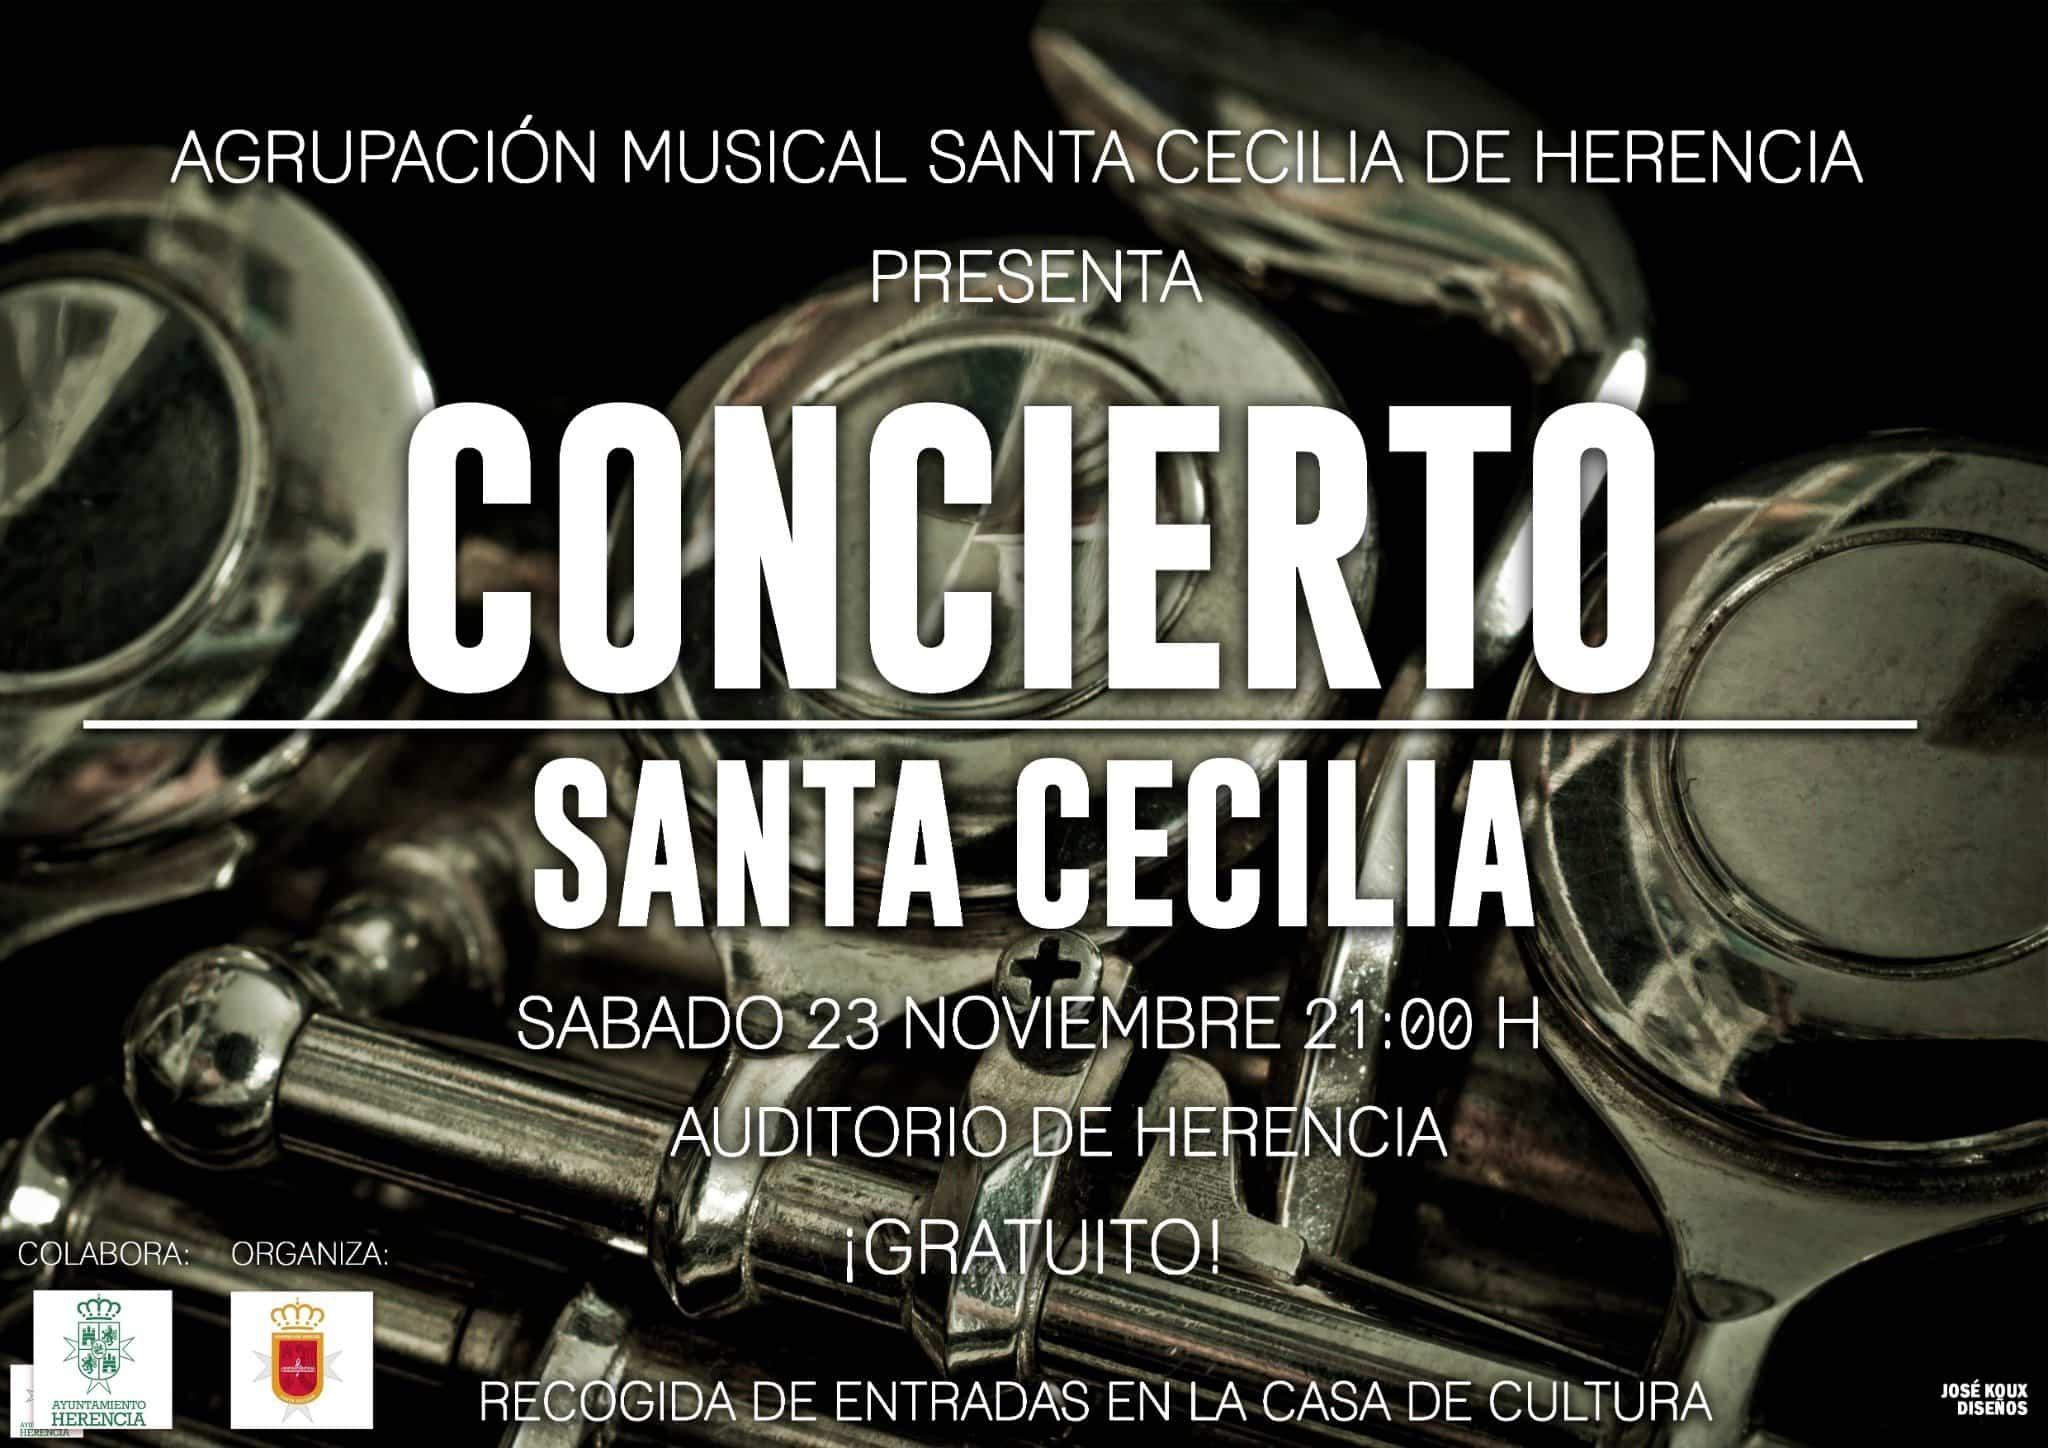 concierto de santa Cecilia 2019 - Concierto y actos de la agrupación musical Santa Cecilia de Herencia